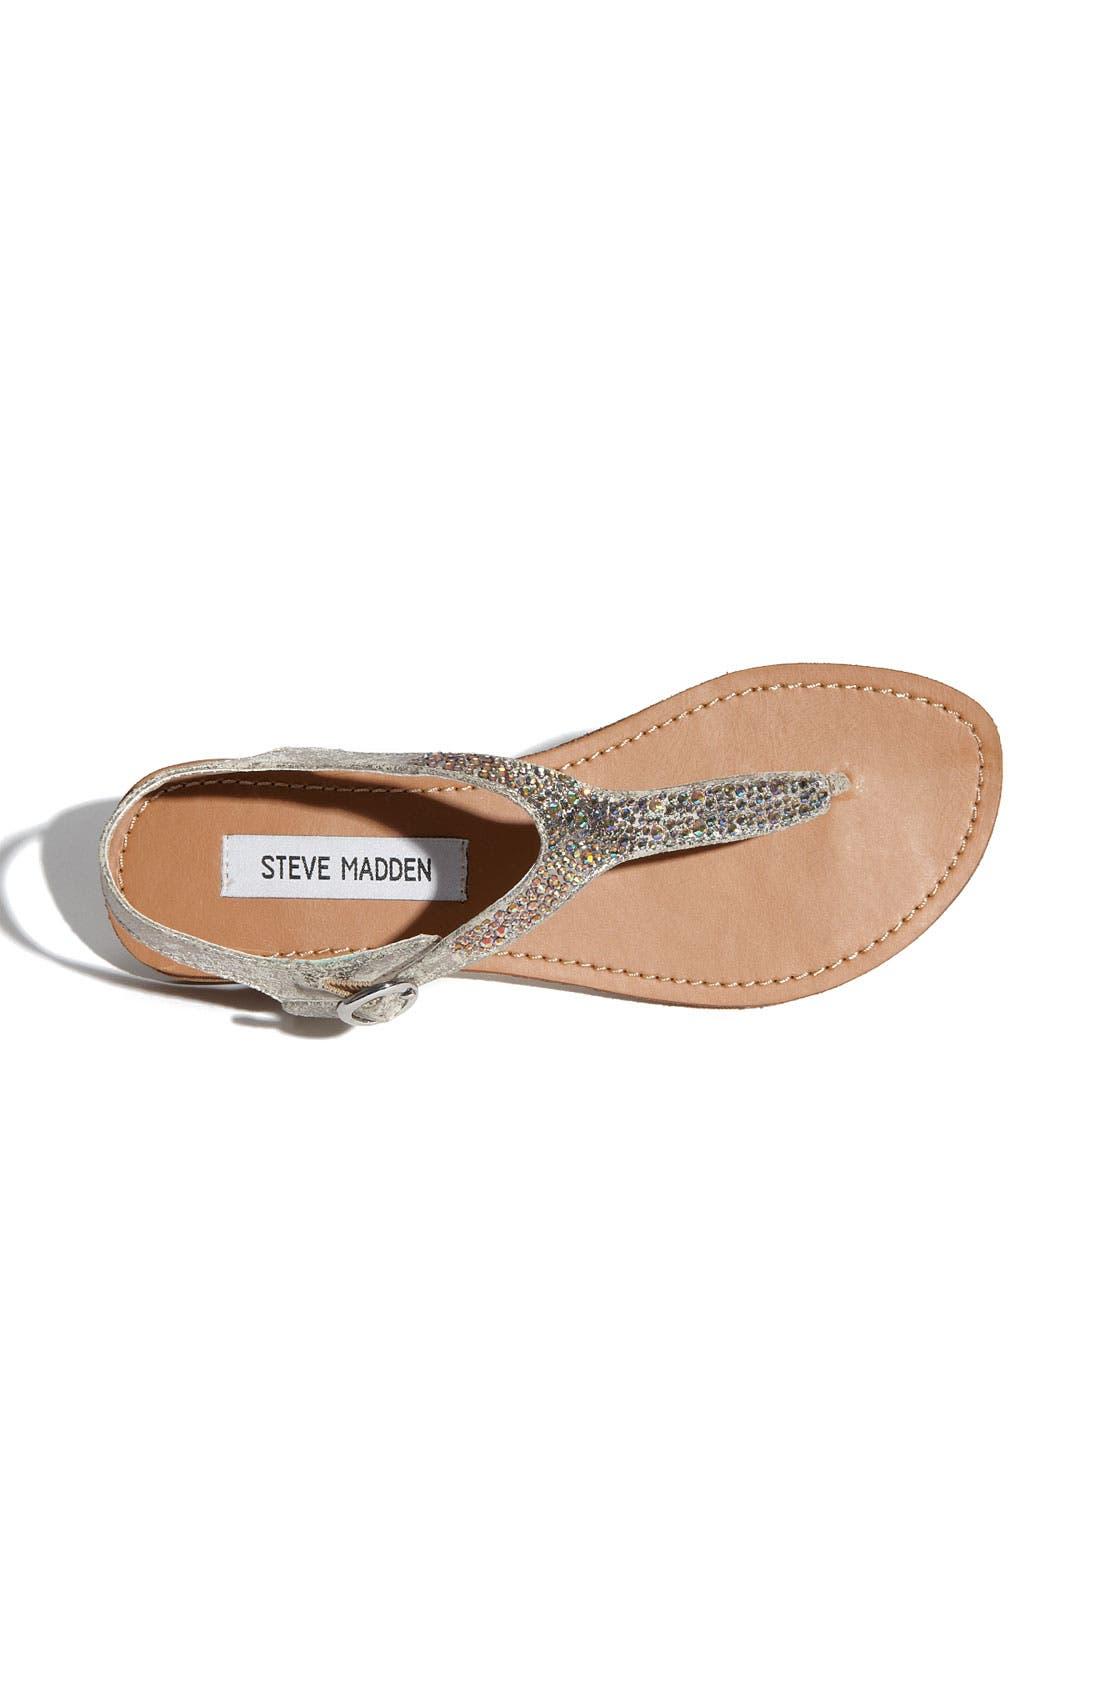 Alternate Image 3  - Steve Madden 'Beaminng' Sandal